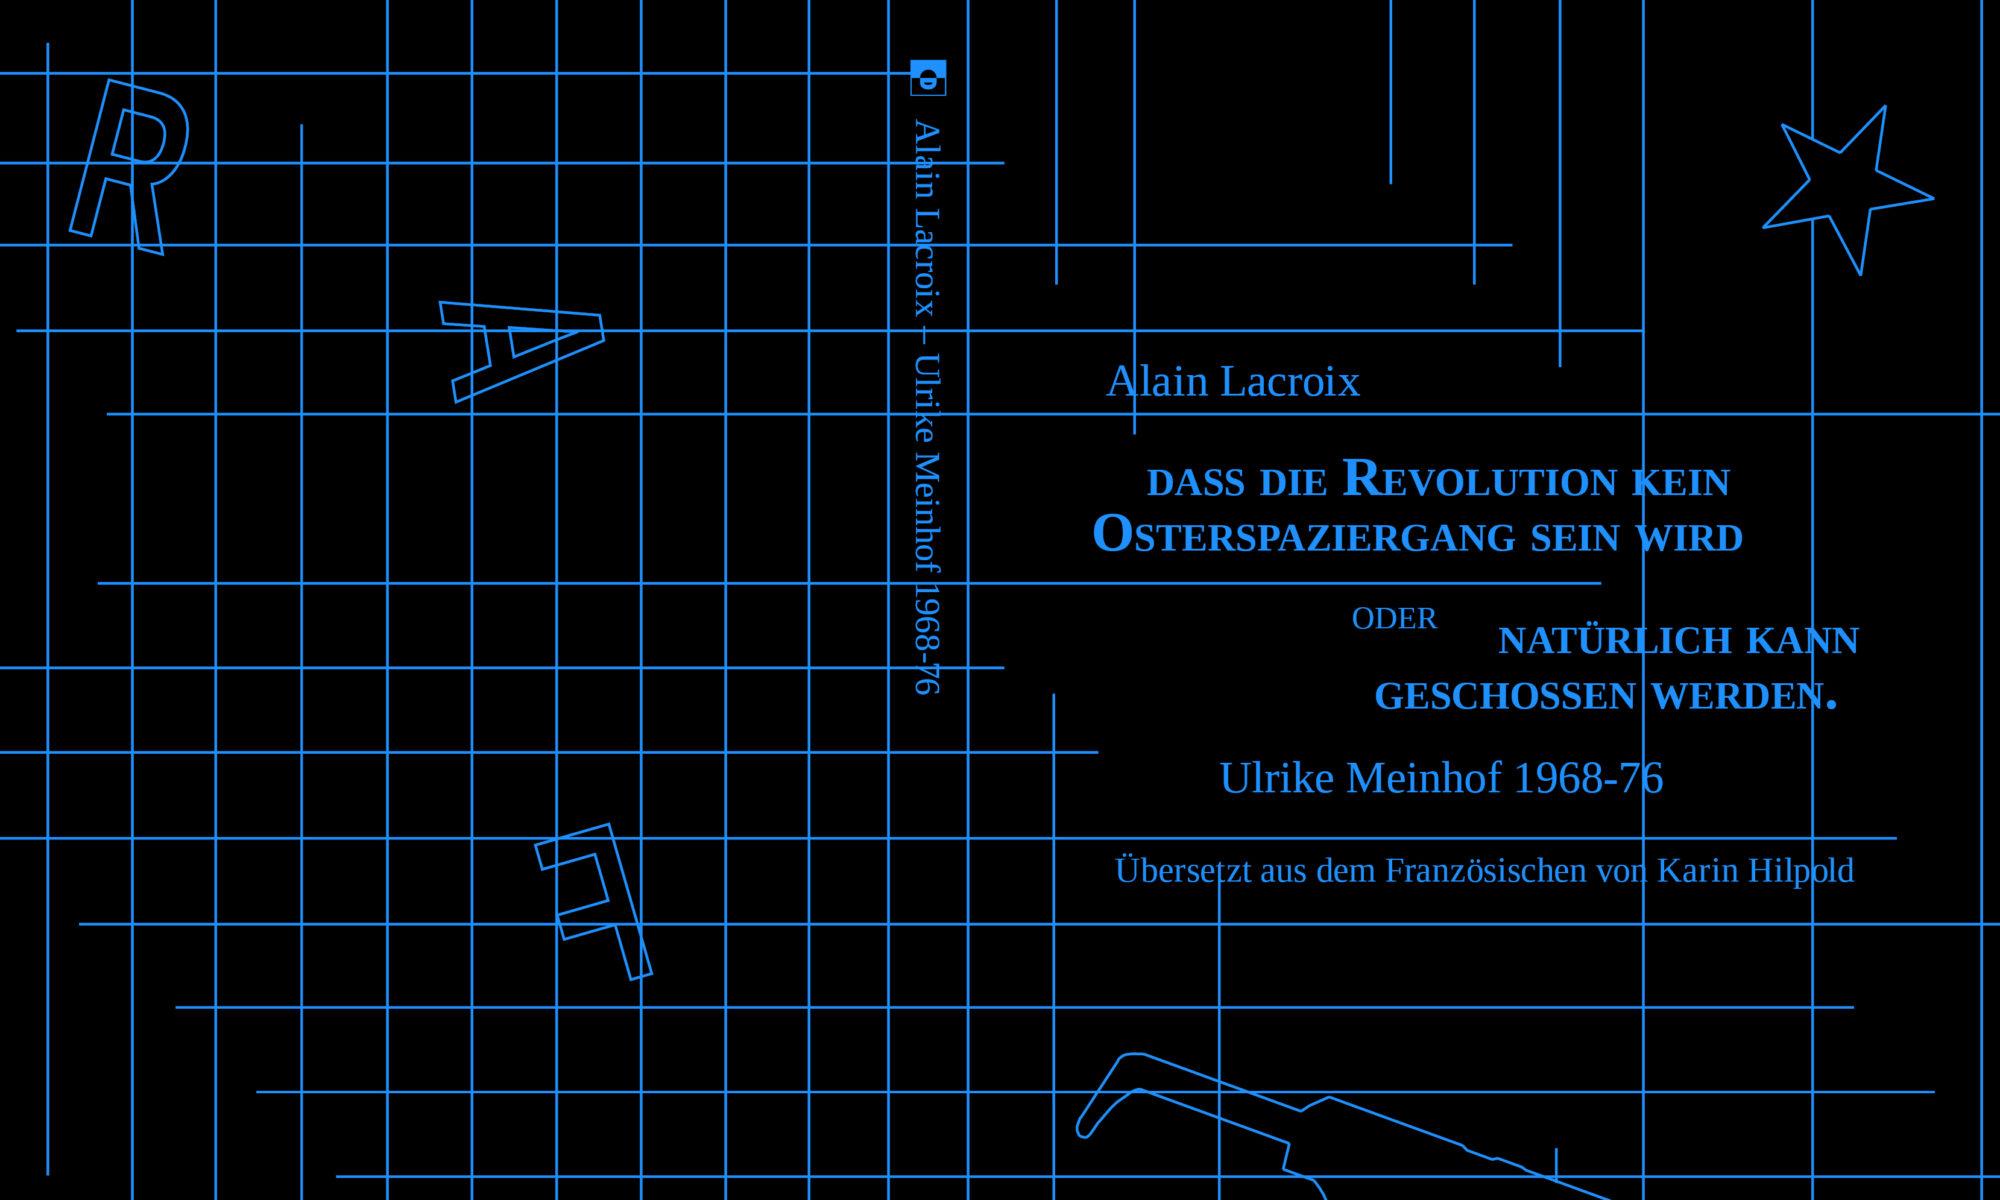 Ein Bild des Covers von Cover Lacroix' Meinhof-Buch.